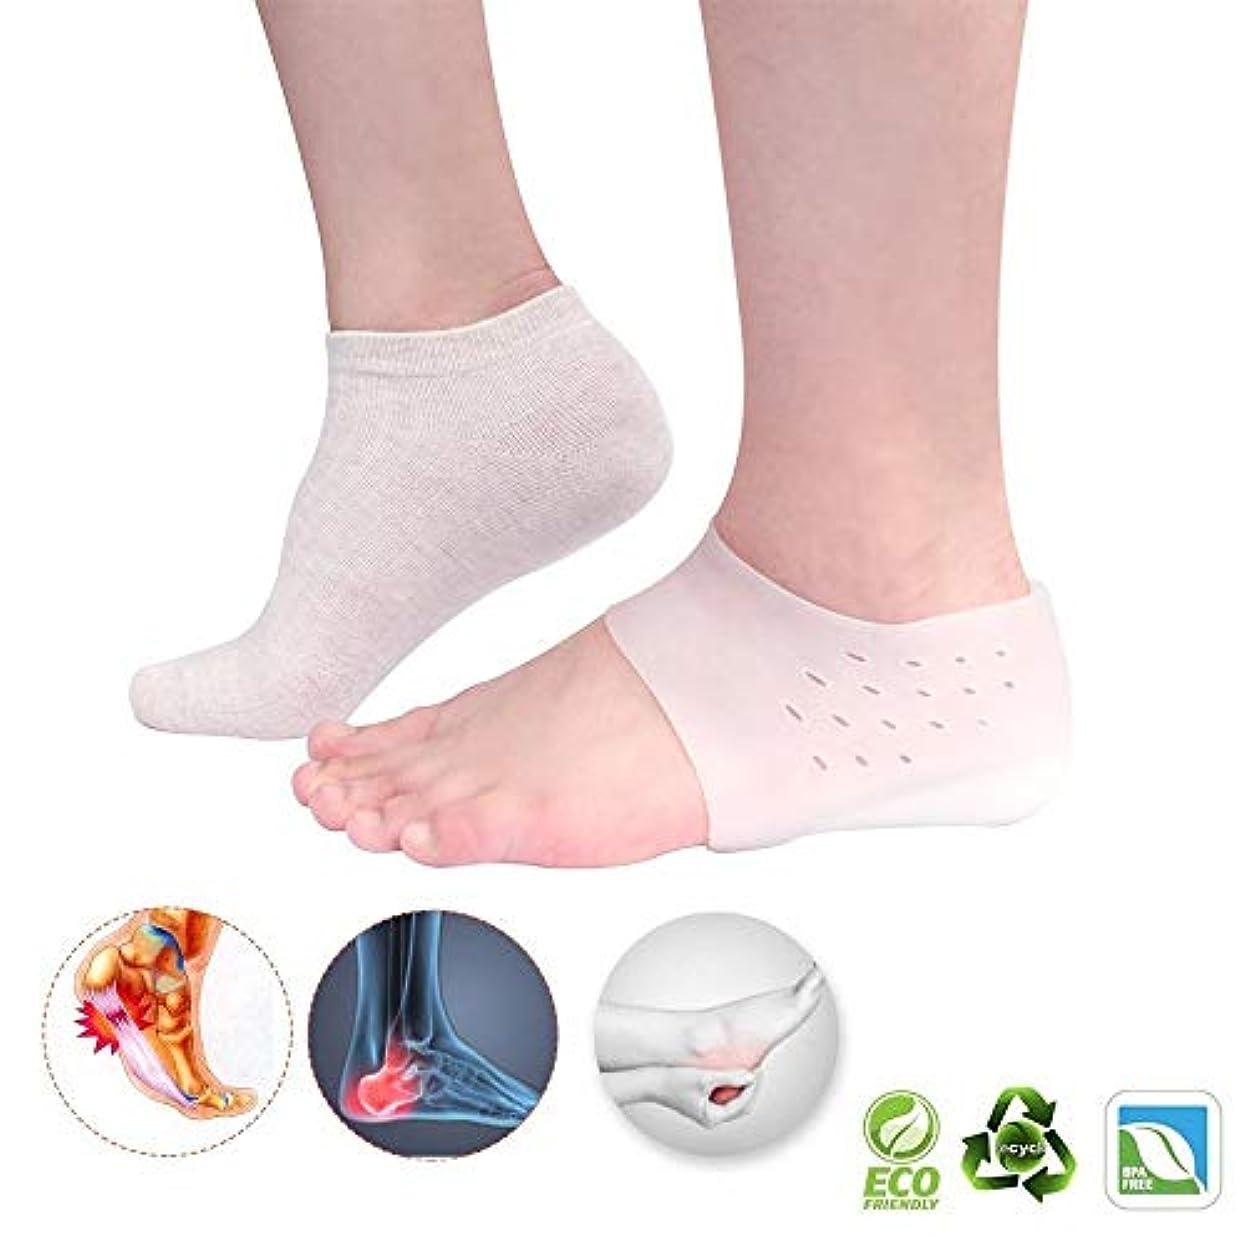 うまくいけばその結果ポータブル高さ増加ジェルスリーブ-足底筋膜炎、足のクッションの男性の女性のためのゲルヒールの高さ見えないエレベーター、パッド、シリコーン見えないヒールプロテクターWomen-2.5 cm